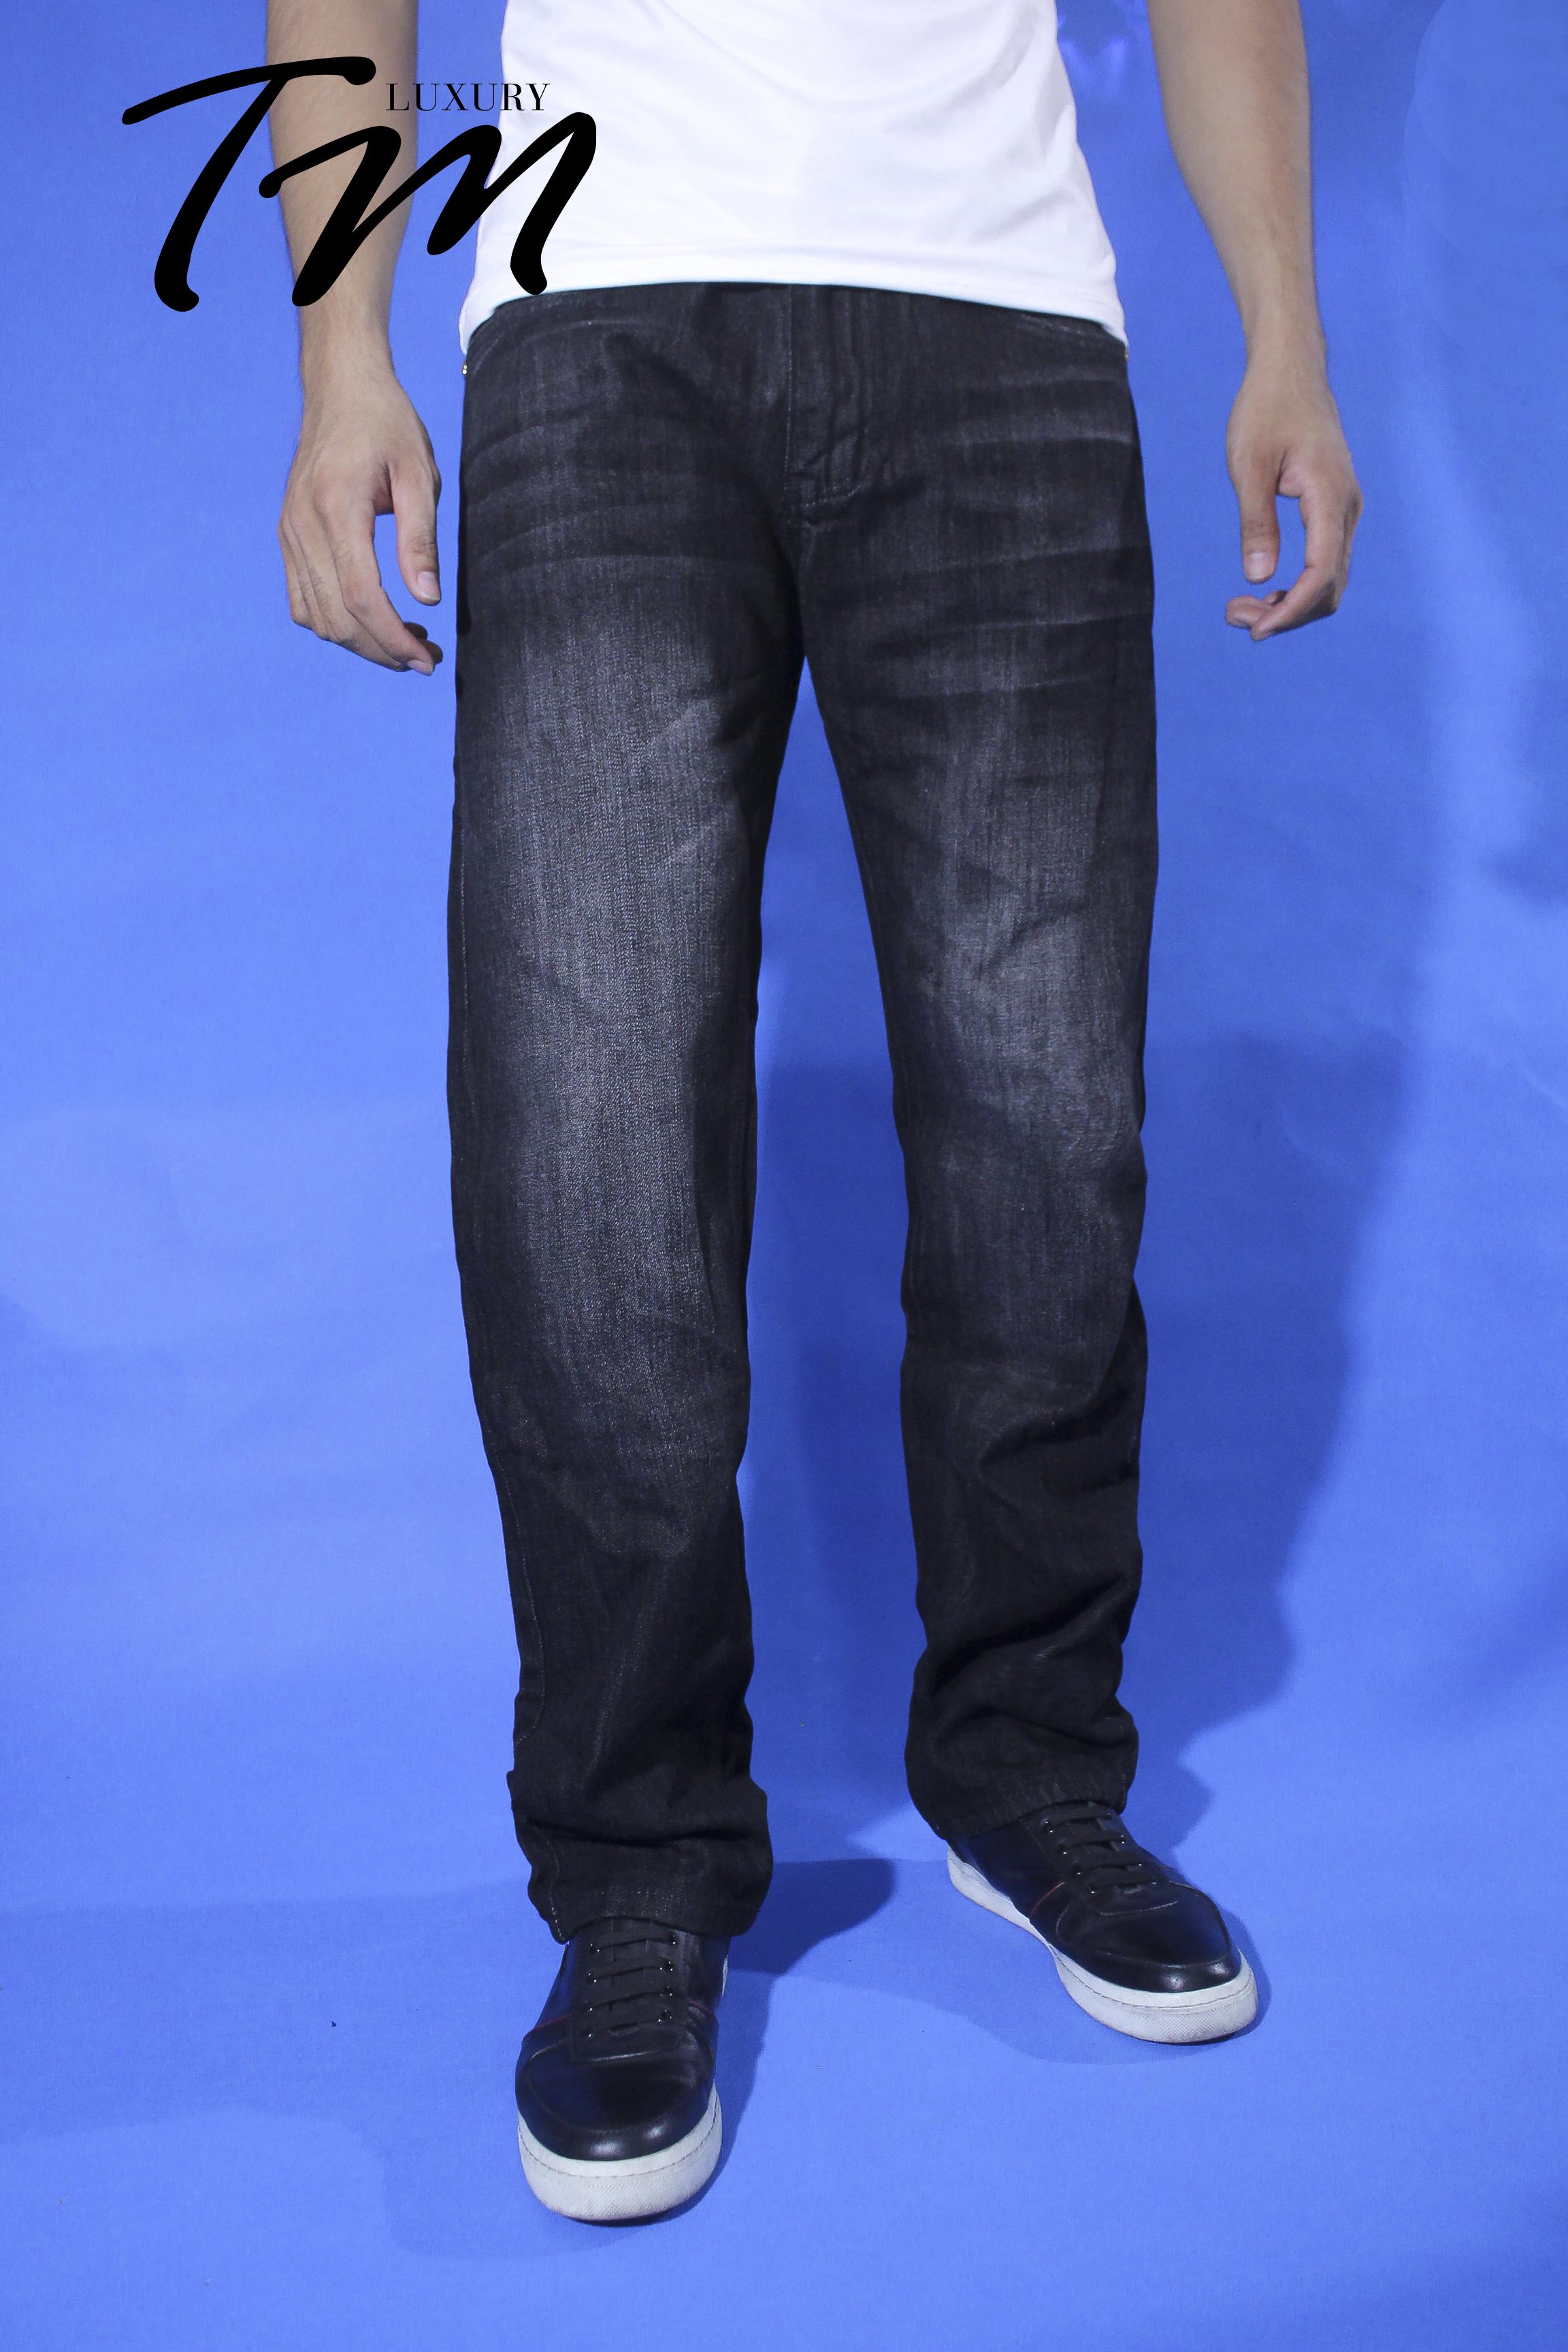 Quần jean nam versace ống suông mặt trước có mẫu